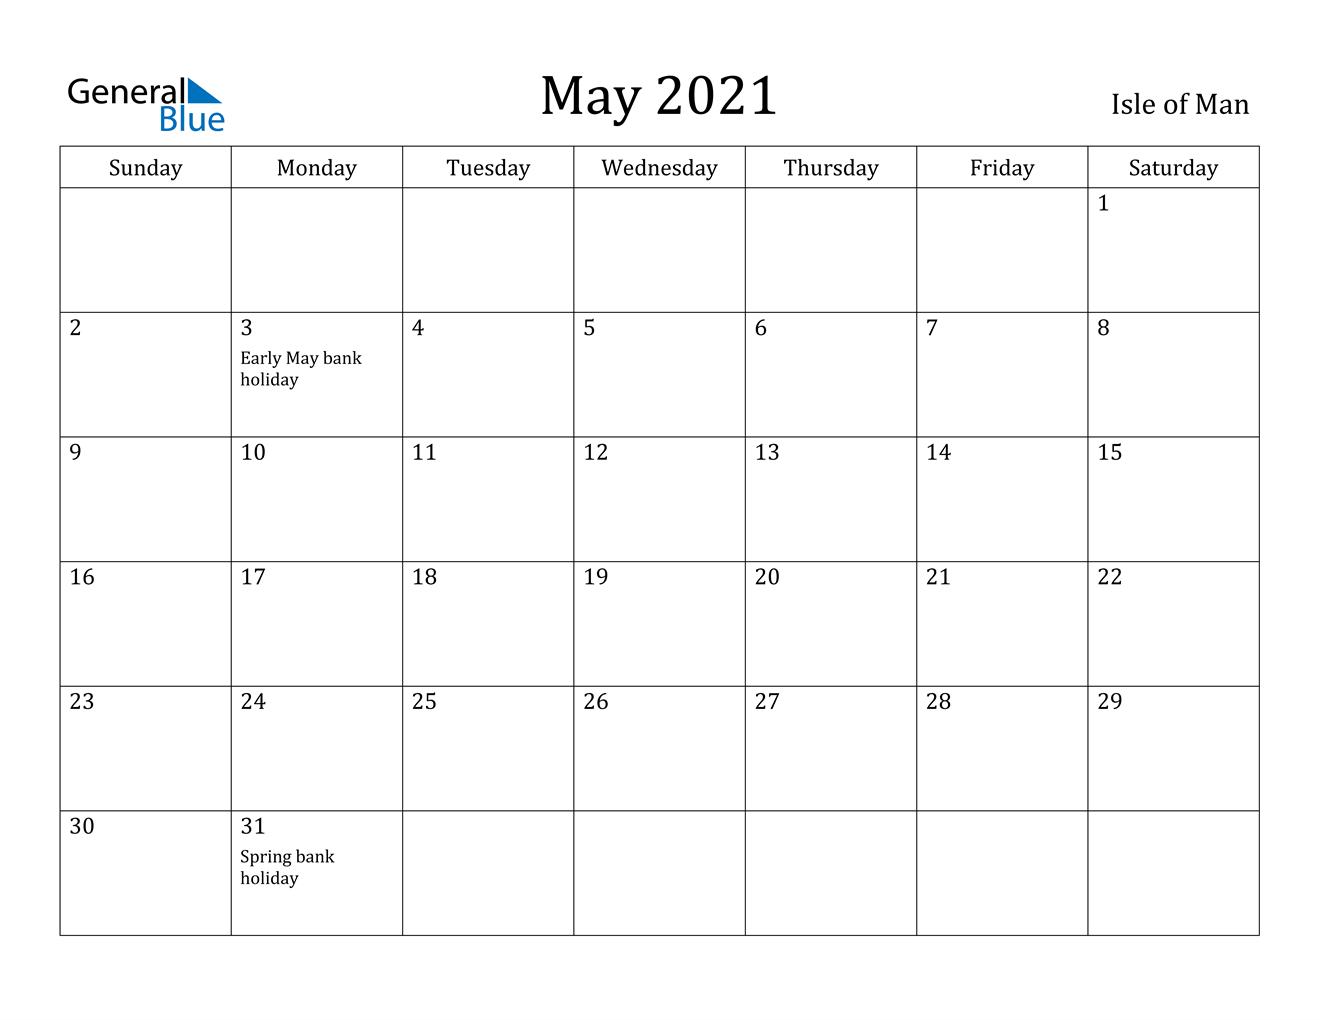 May 2021 Calendar - Isle Of Man